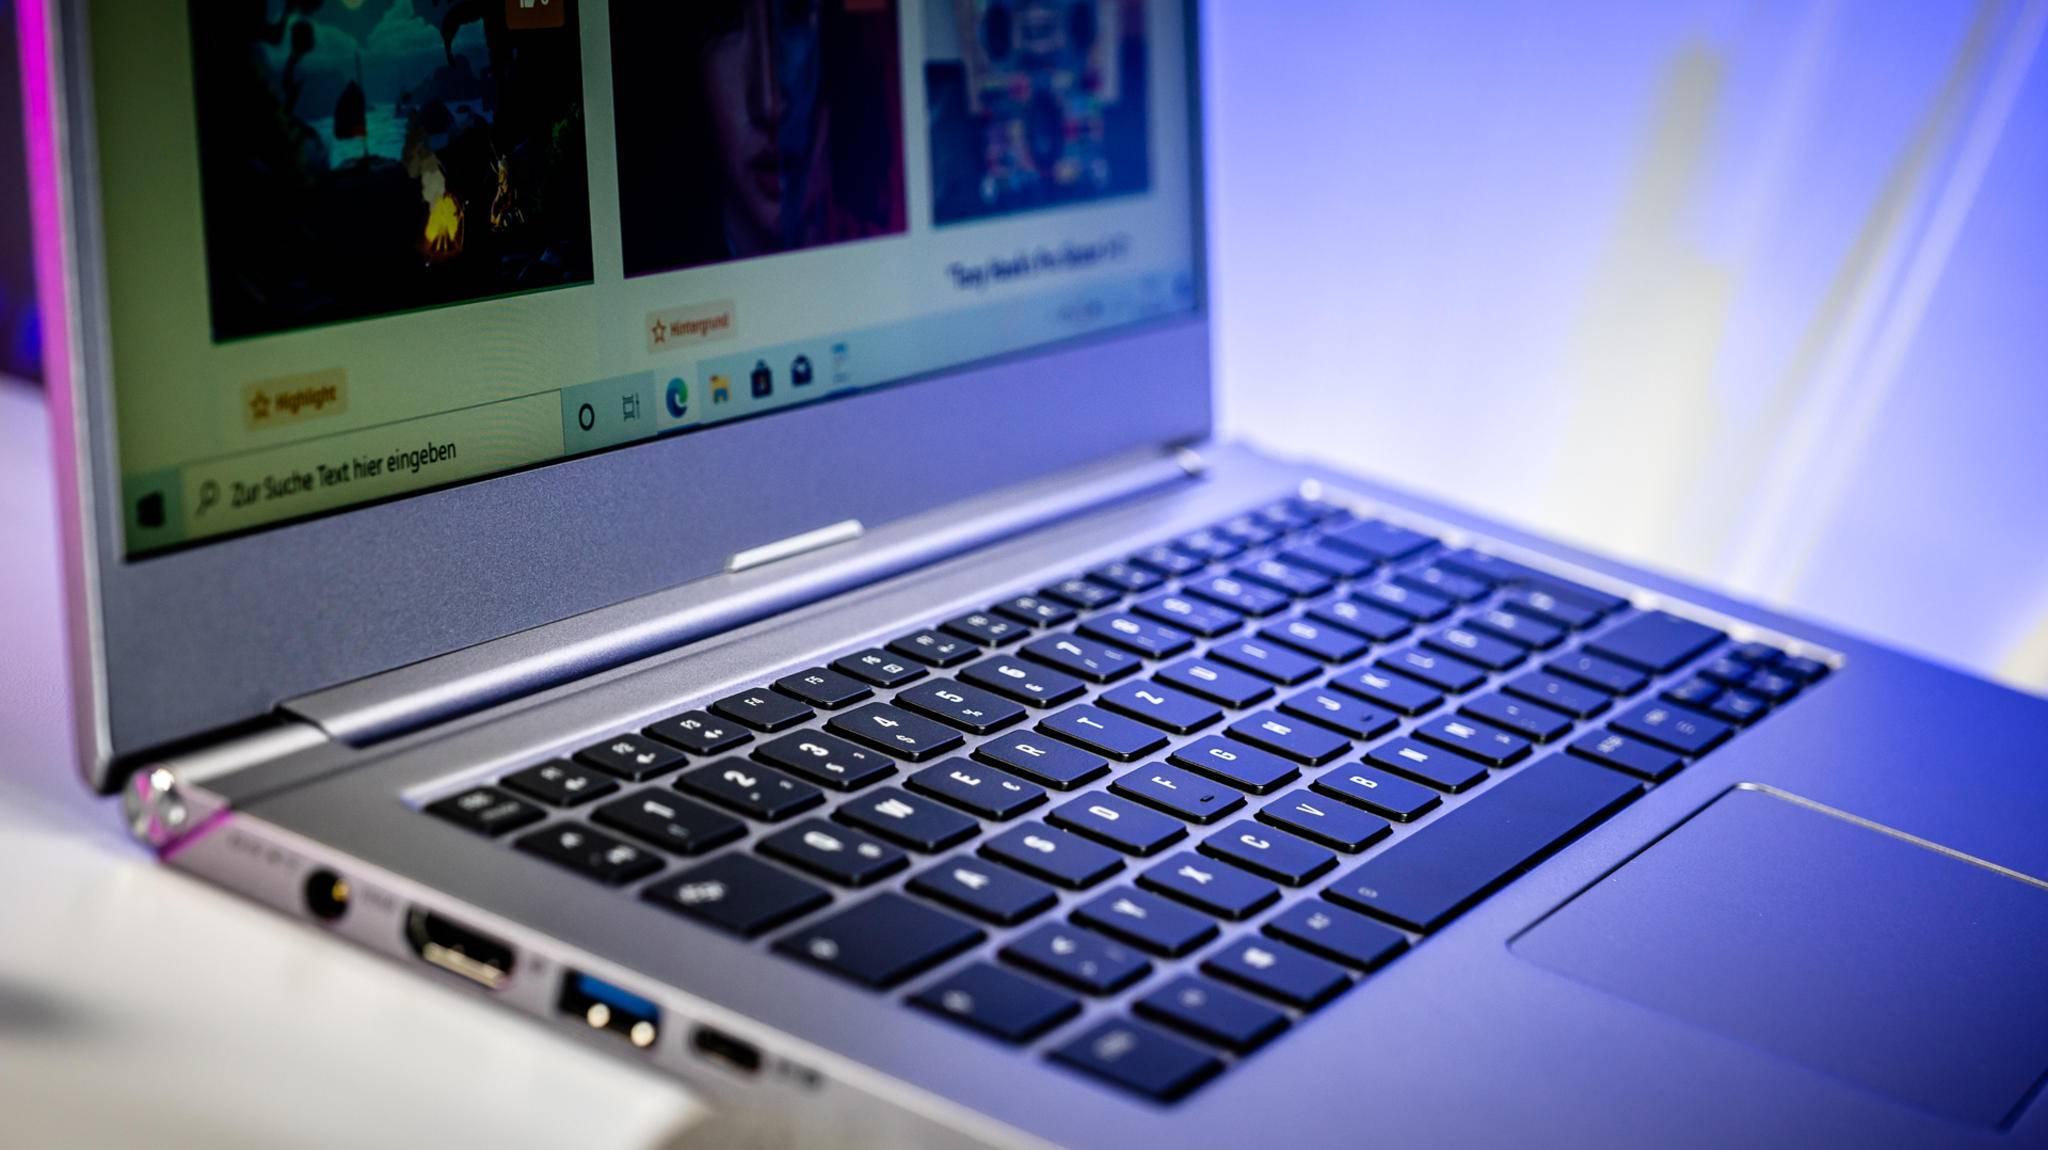 Viele Notebooks wie das Schenker VIA 14 bringen eine beleuchtete Tastatur mit.